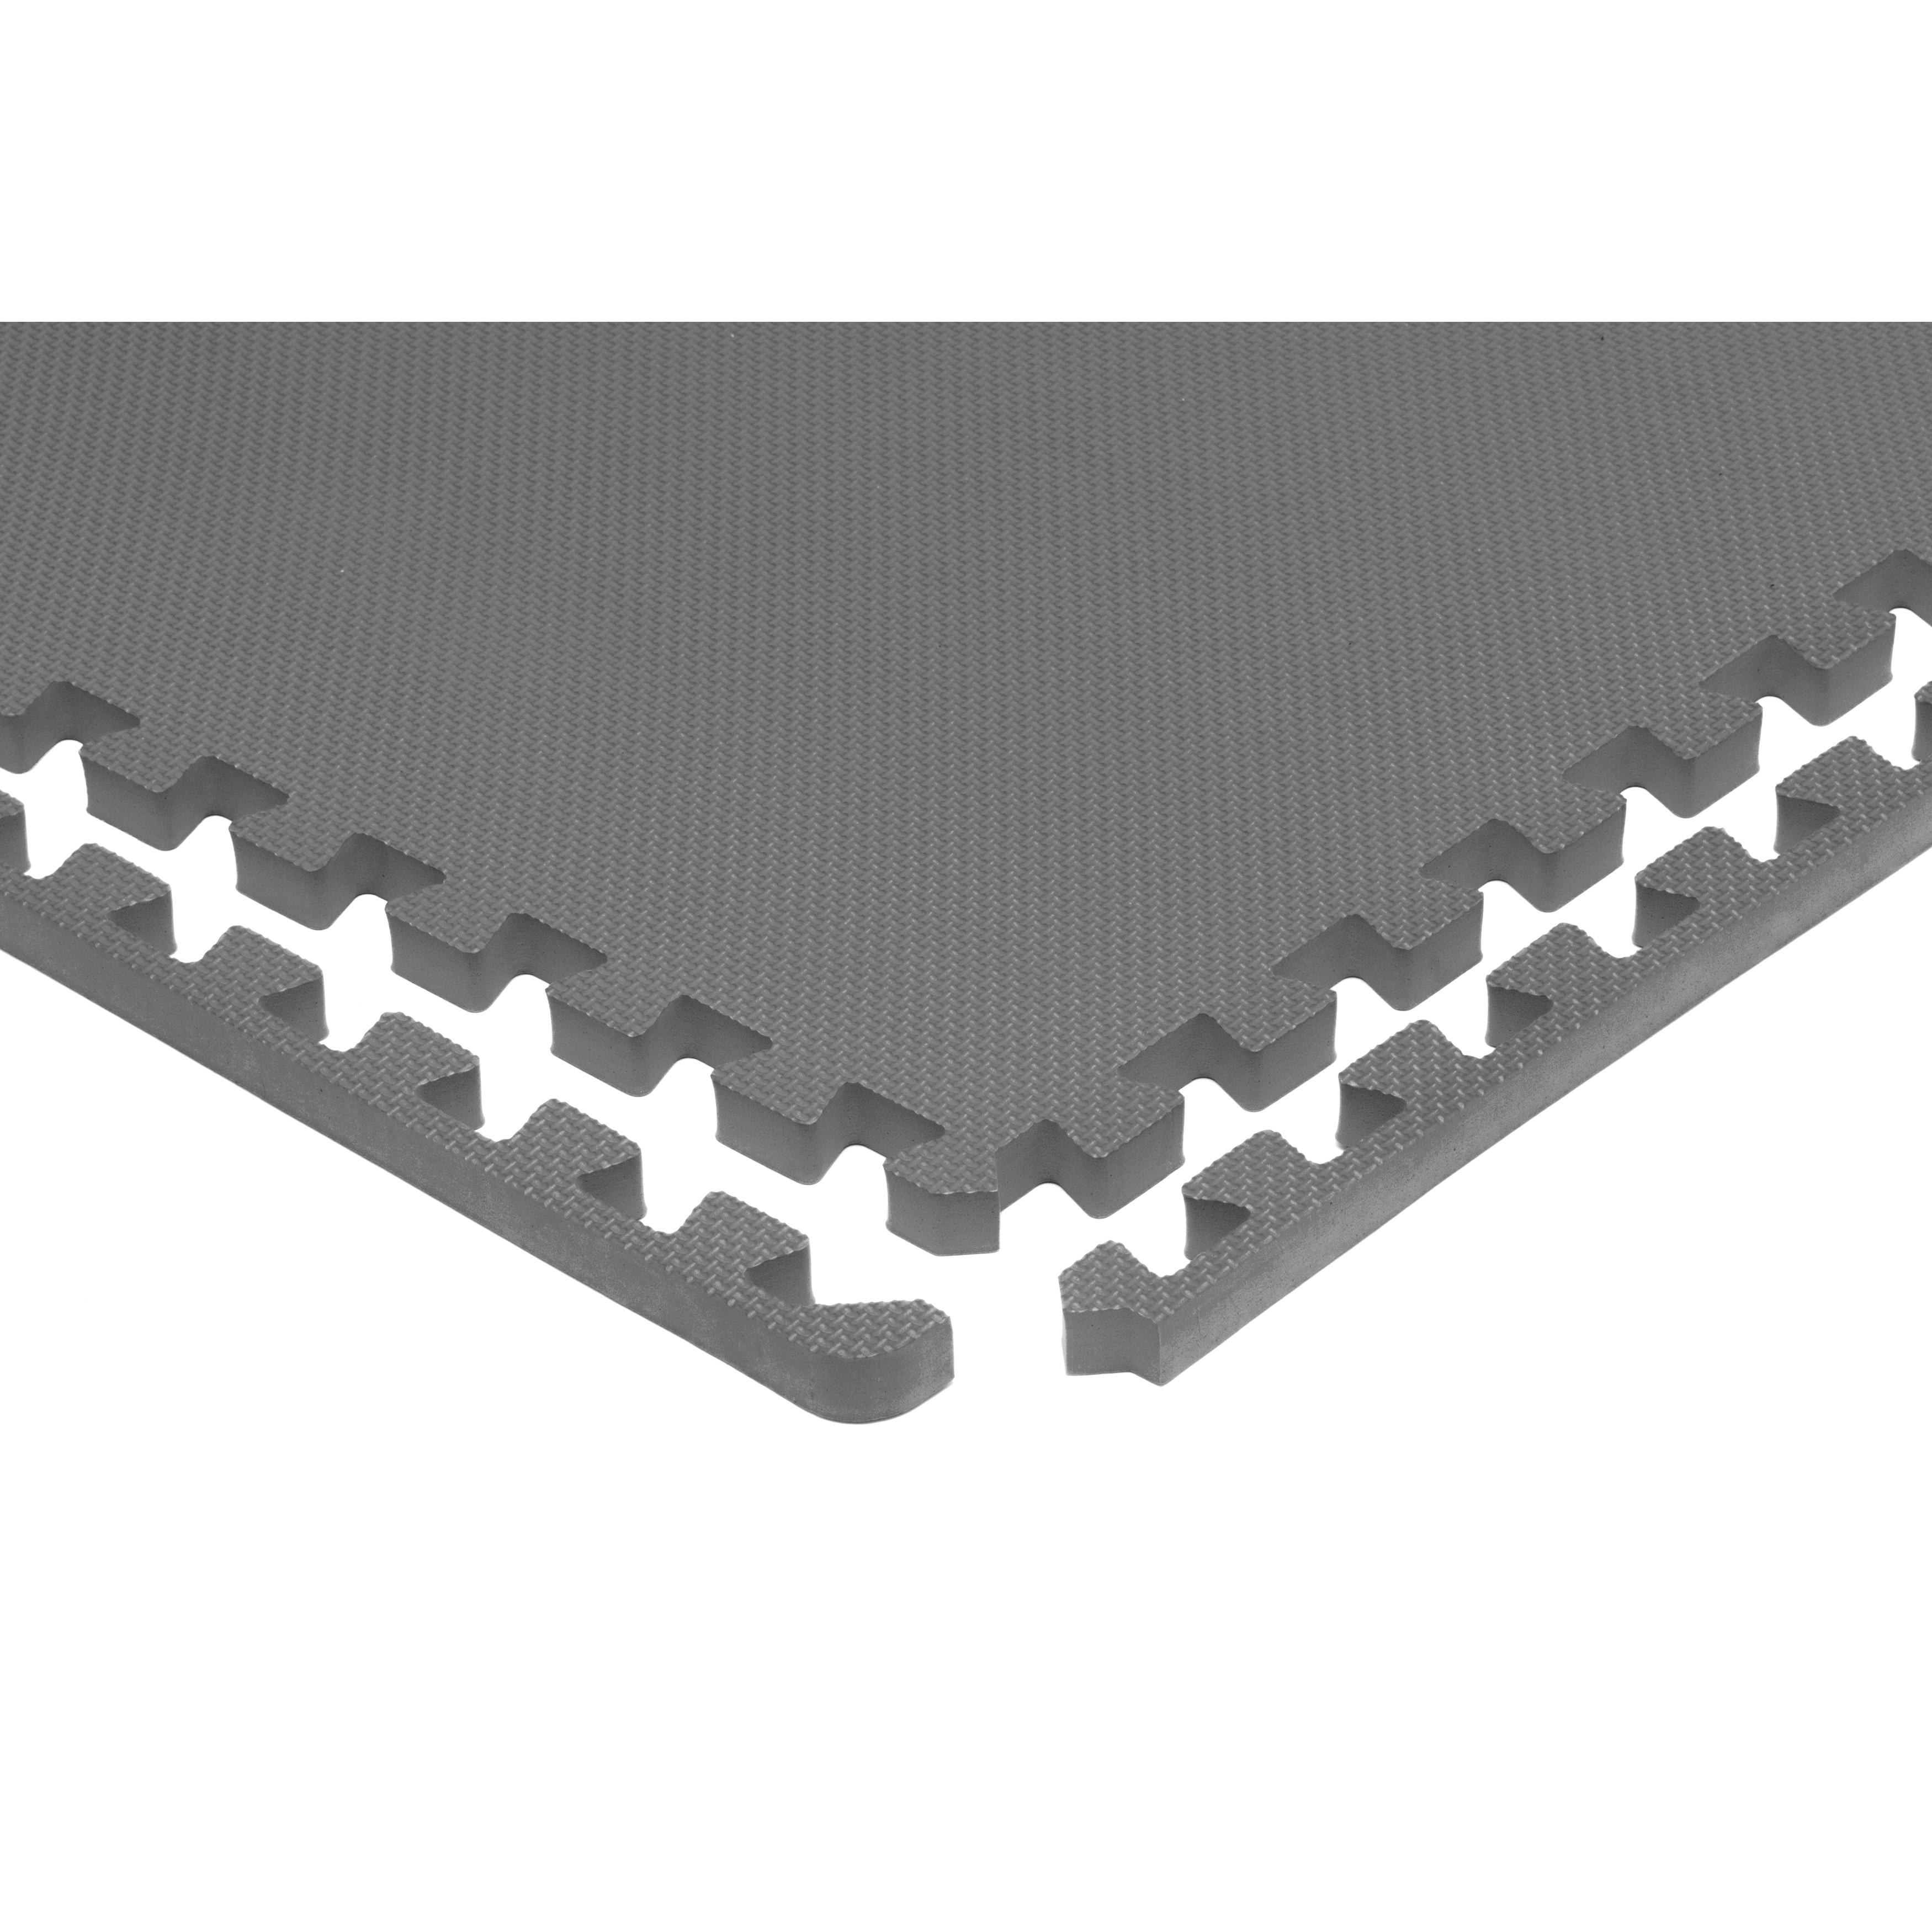 Prosourcefit Puzzle Exercise Mat Protective Floori Eva Foam Interlocking Tiles